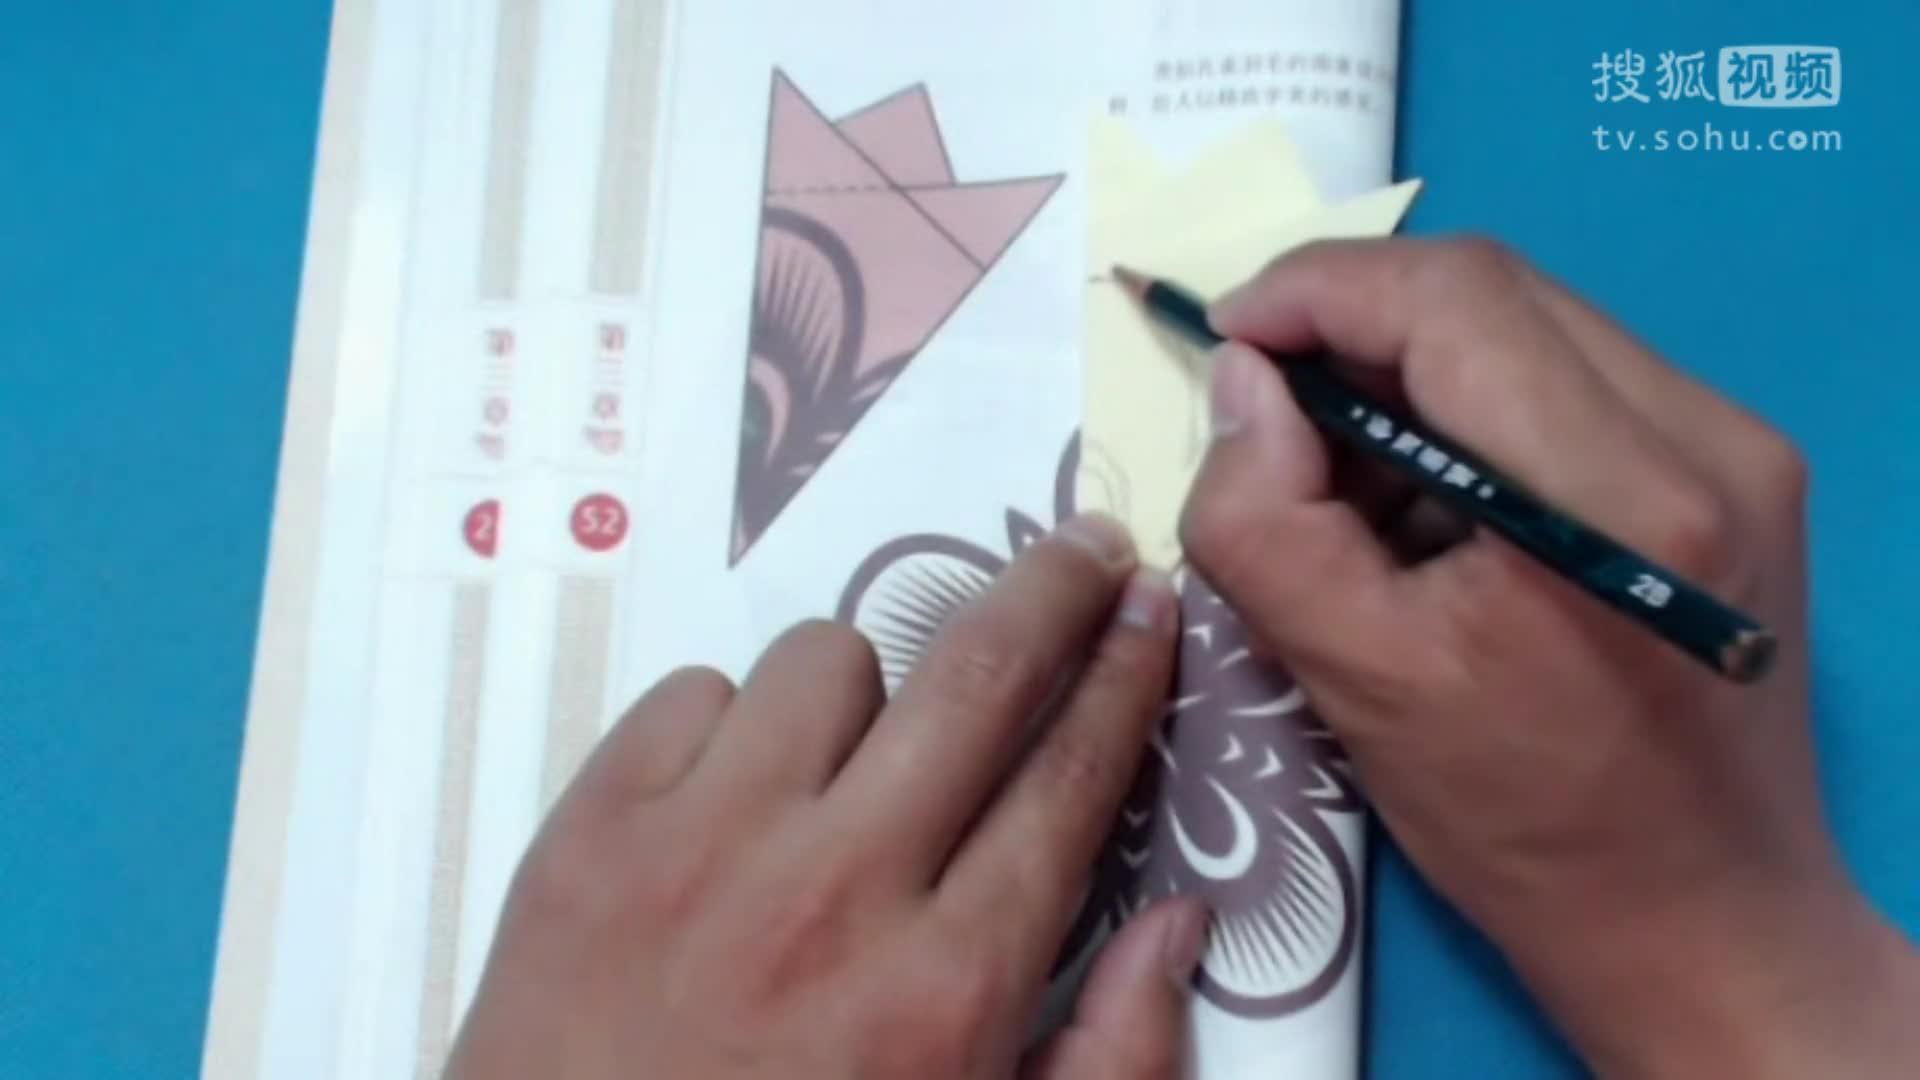 剪紙小課堂181:五瓣花 兒童剪紙教程視頻大全 親子手工diy教學 折紙